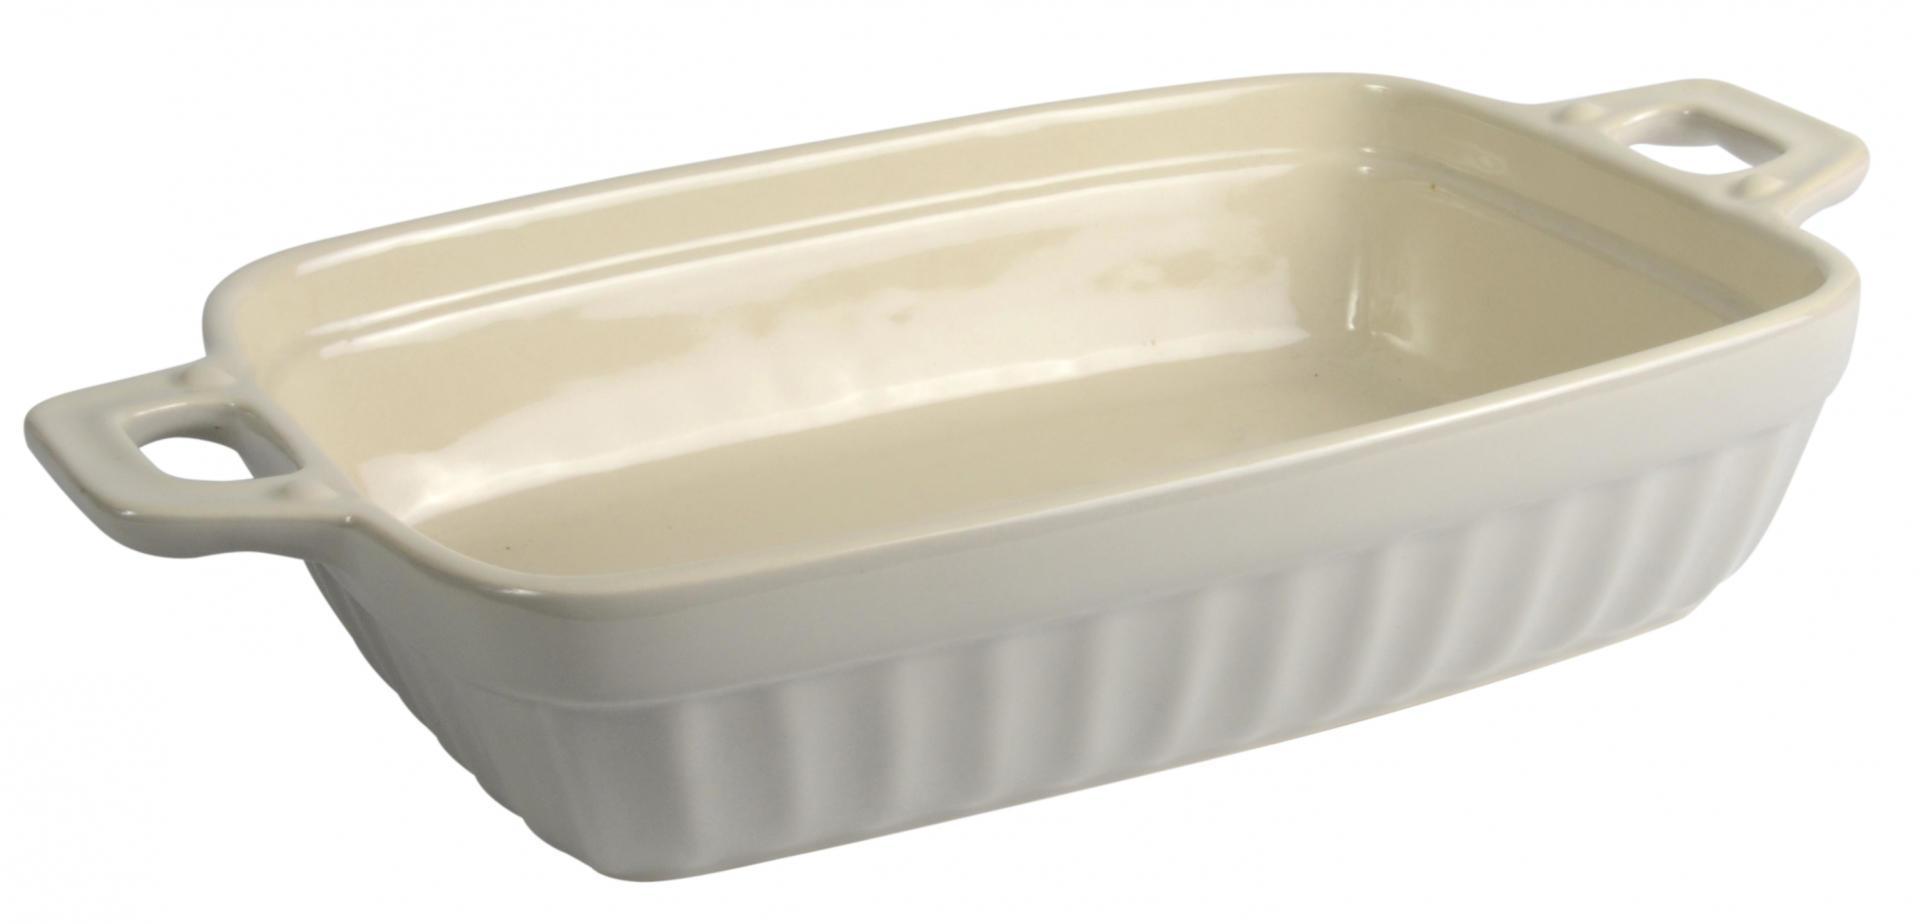 IB LAURSEN Zapékací mísa Mynte latte - medium, béžová barva, keramika